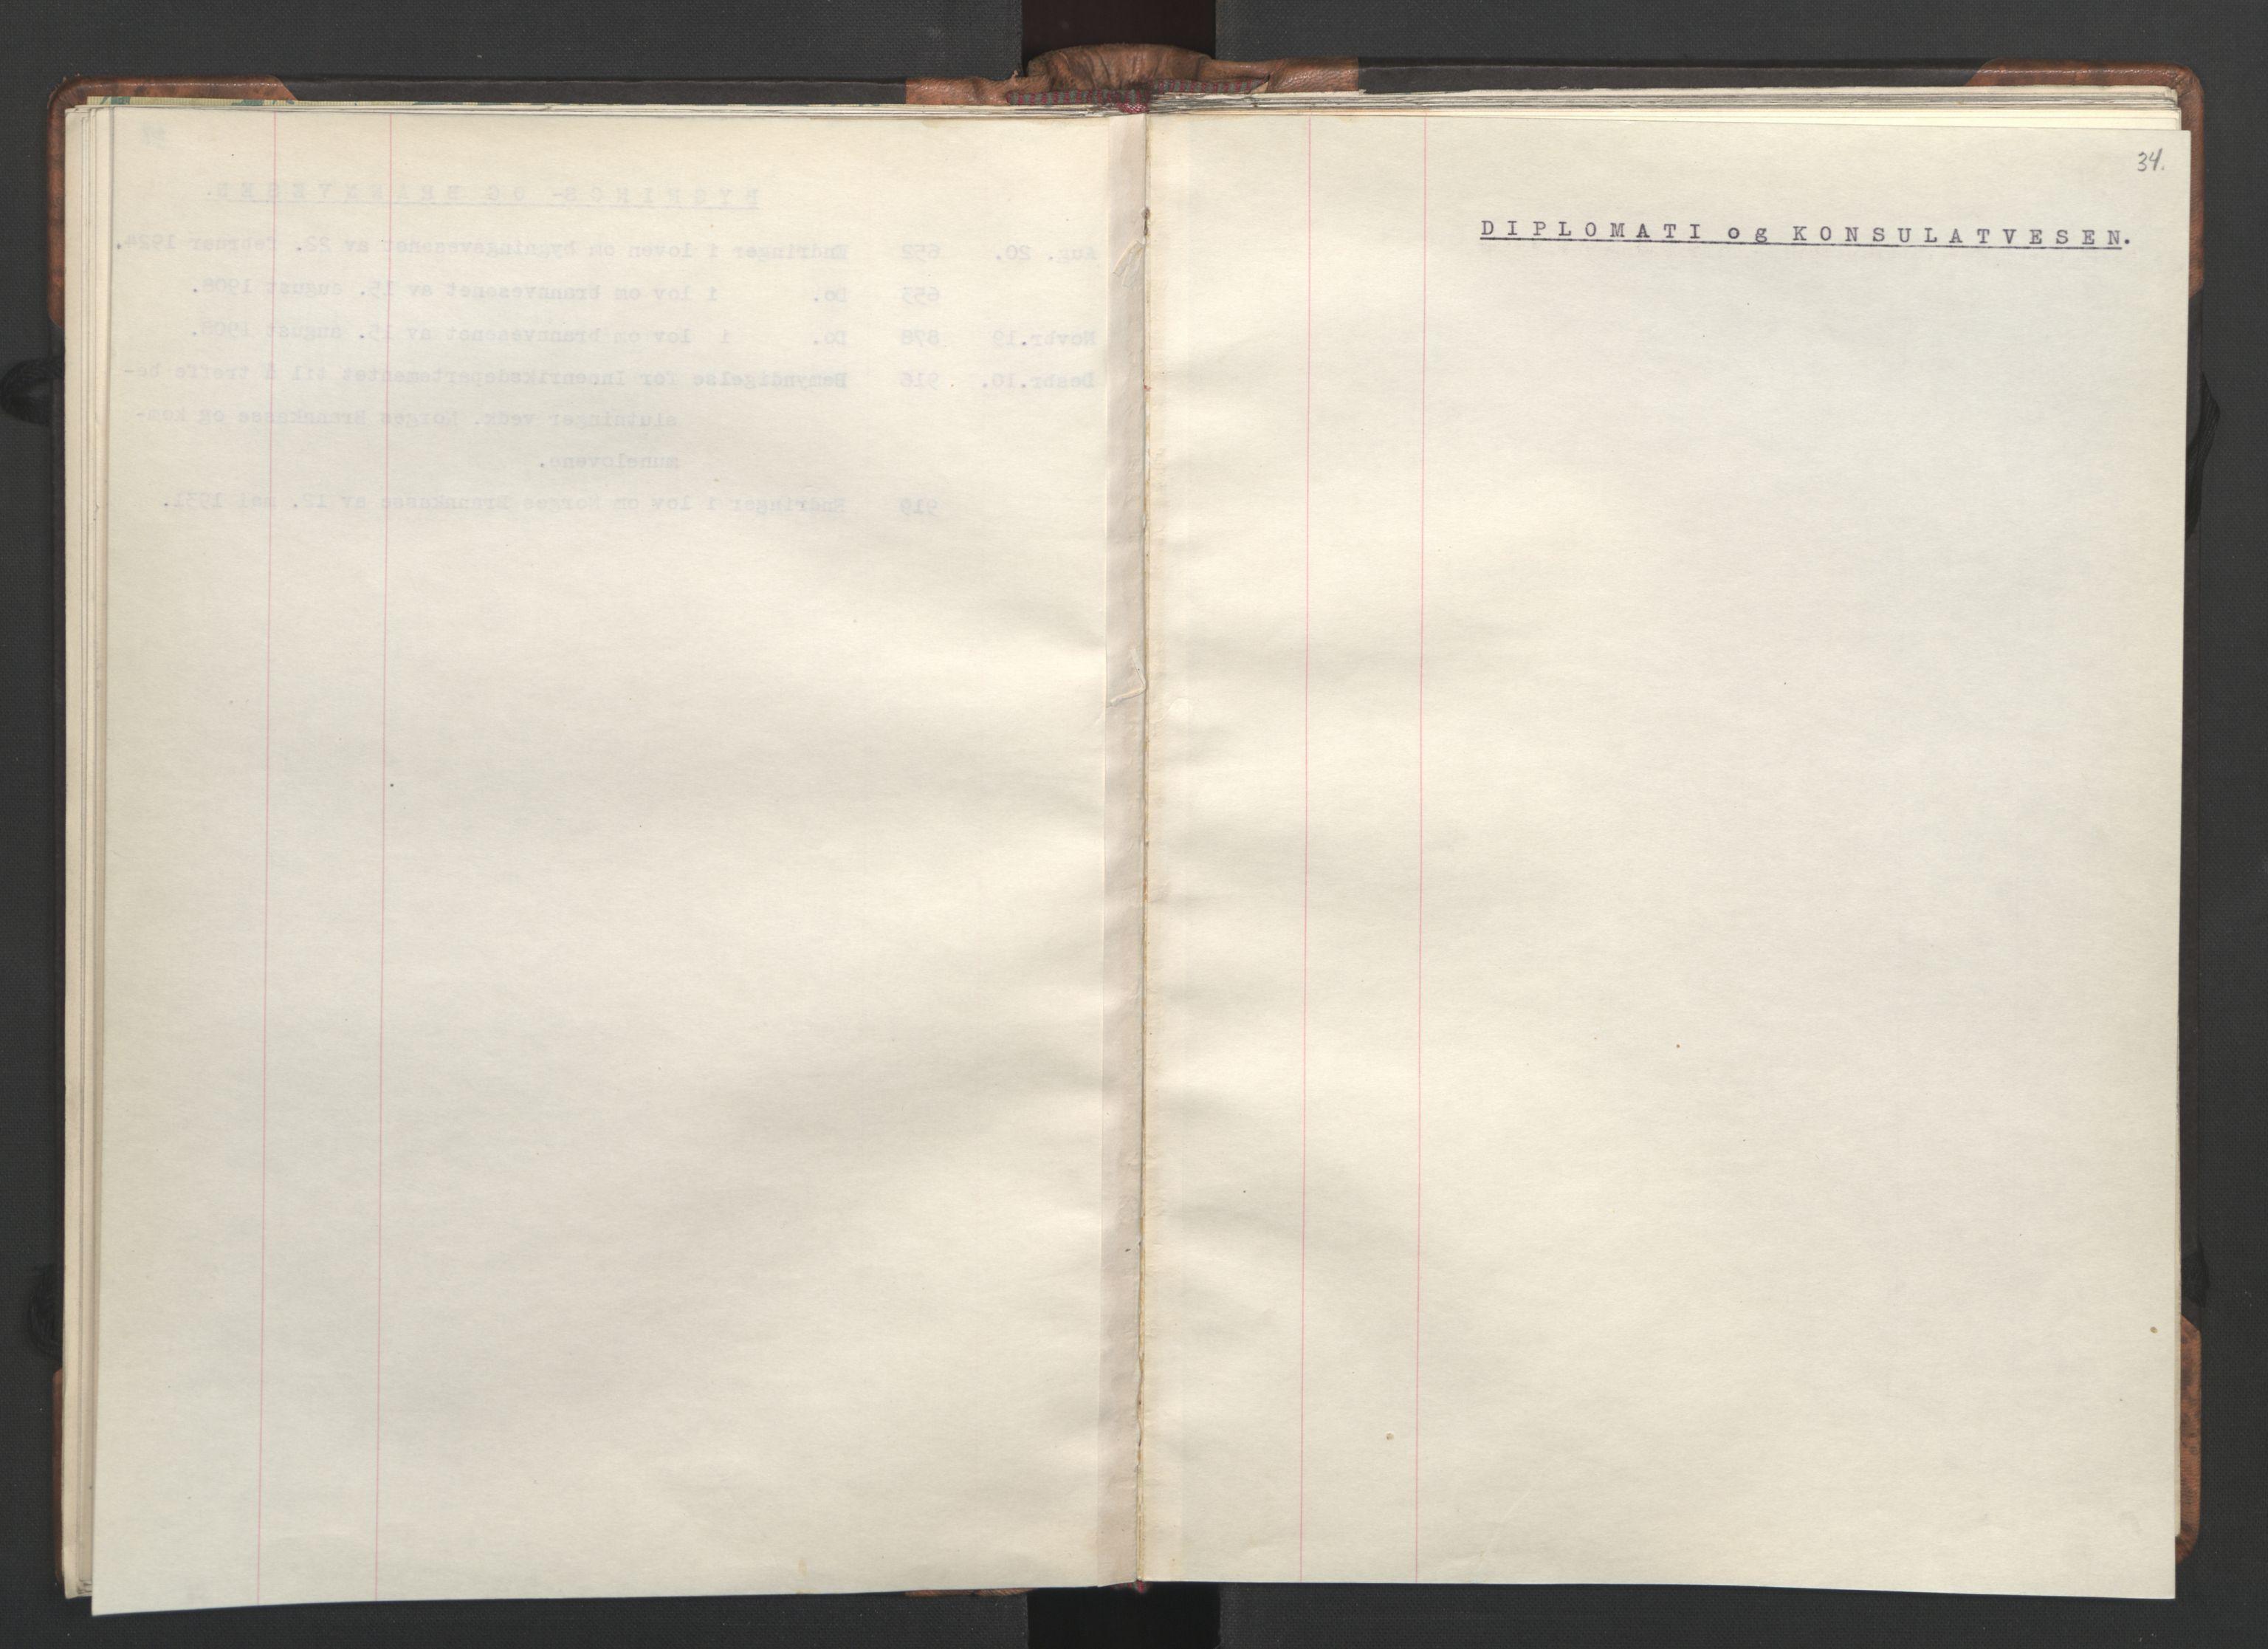 RA, NS-administrasjonen 1940-1945 (Statsrådsekretariatet, de kommisariske statsråder mm), D/Da/L0002: Register (RA j.nr. 985/1943, tilgangsnr. 17/1943), 1942, s. 33b-34a